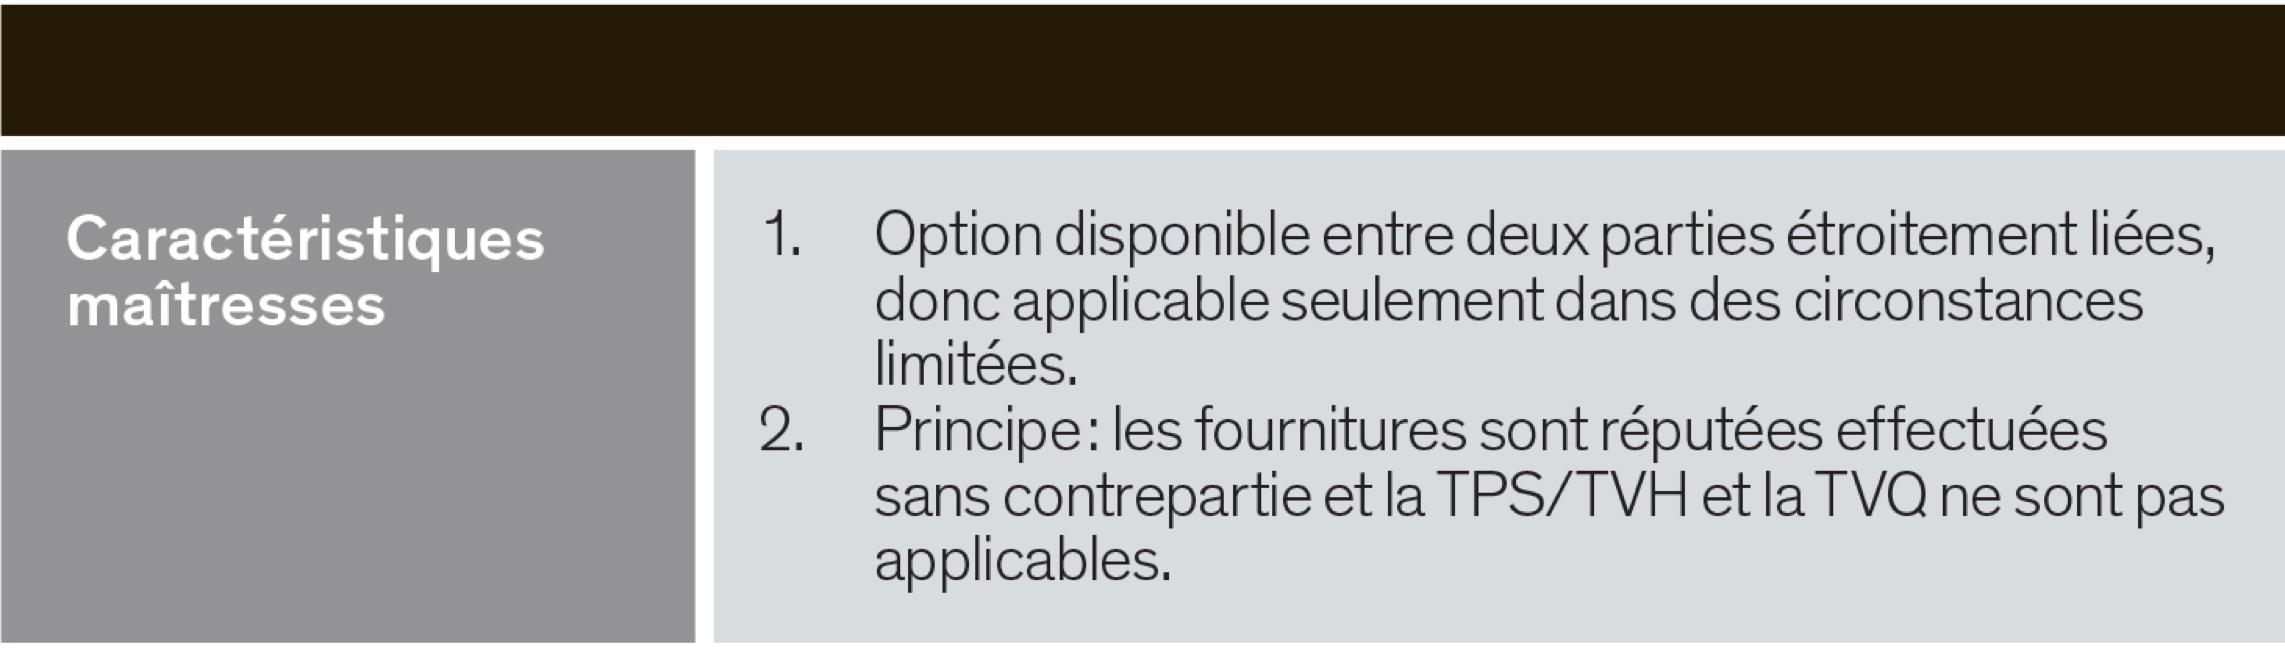 Caractéristiques maîtreses - Option disponible entre deux parties liées; ;es fournitures sont réputées effectuées sans contrepartie